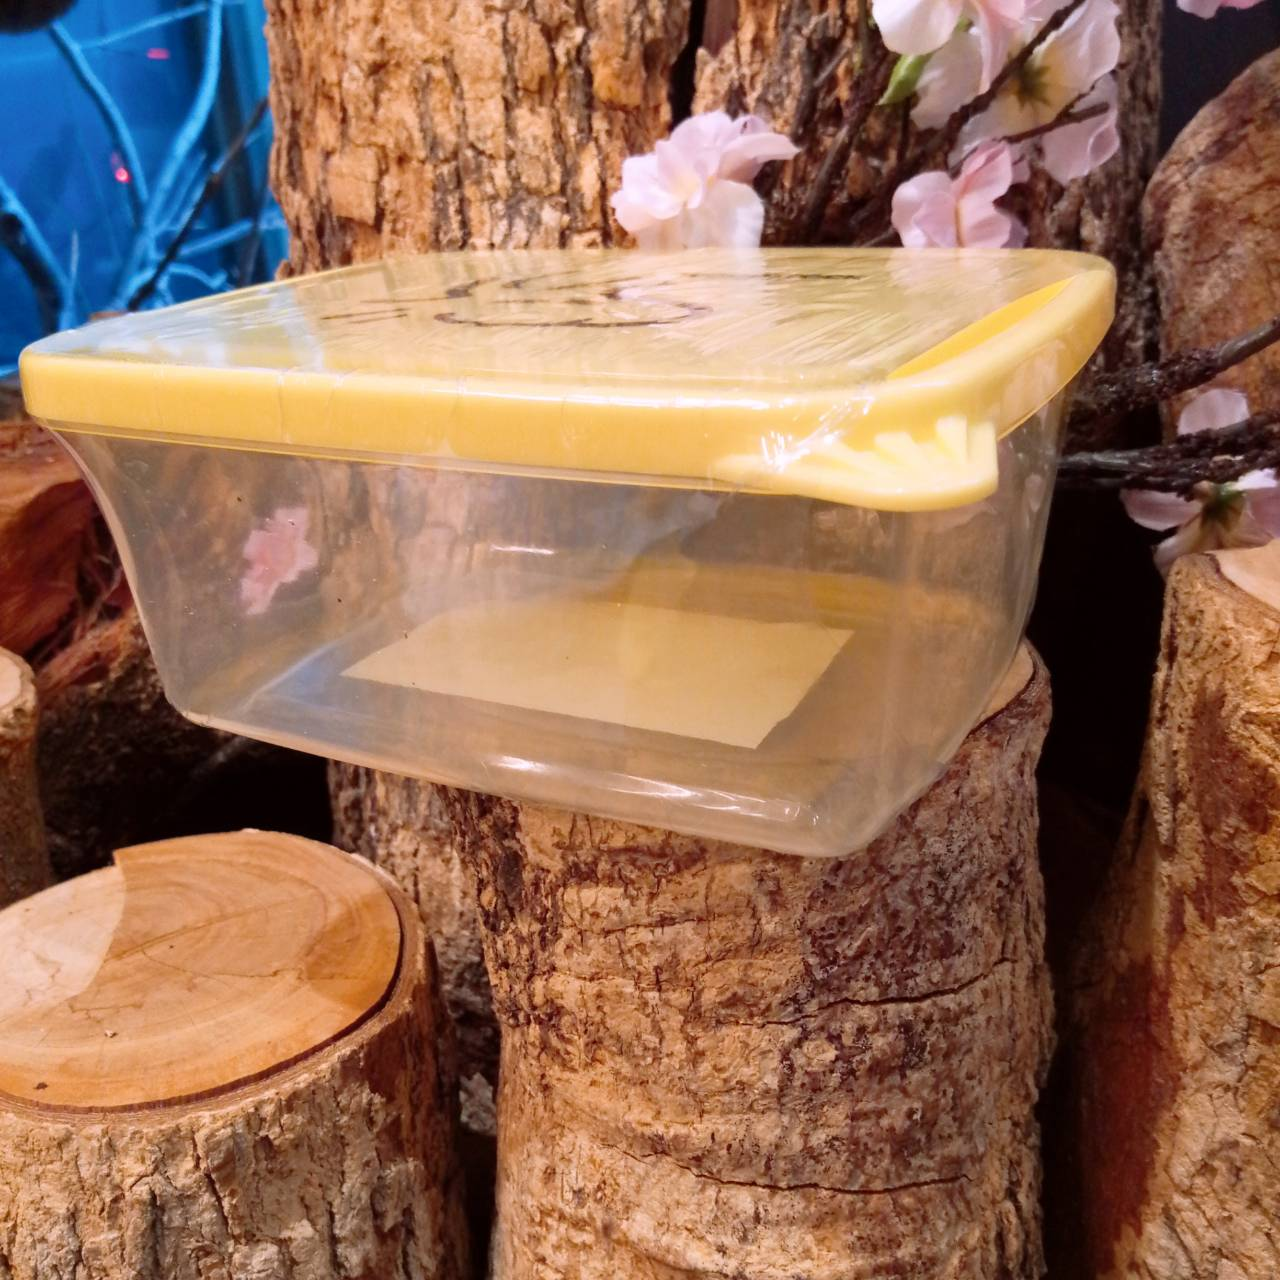 史努比 SNOOPY 史奴比 塔克鳥 1000ML 保鮮盒 1L 塑膠製 食器 廚房用品 18122800002 塑膠保鮮盒L-塔克黃 真愛日本